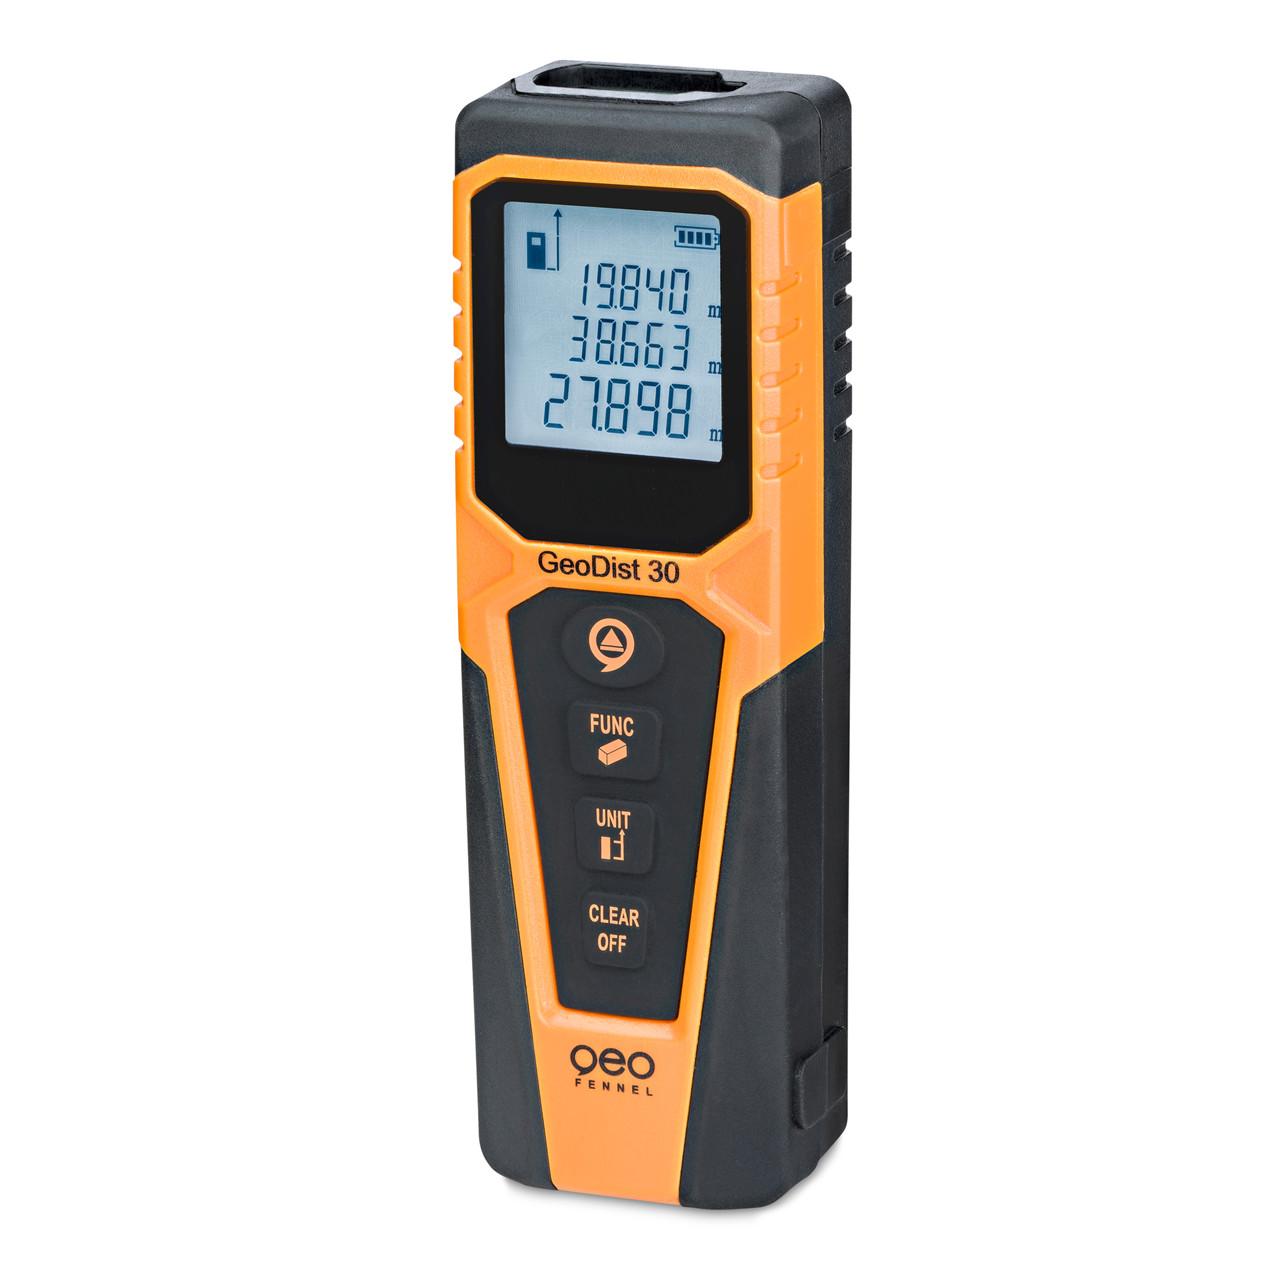 geoFENNEL Afstandsmåler GeoDist 30 - Værktøj -> Laser og måleinstrumenter -> Opmåling -> Afstandsmåler|Værktøj -> Laser og måleinstrumenter -> Opmåling|Værktøj -> Laser og måleinstrumenter|Mærker -> geo-FENNEL -> geo-FENNEL Måleinstrumenter|Mærker -> geo-FENNEL